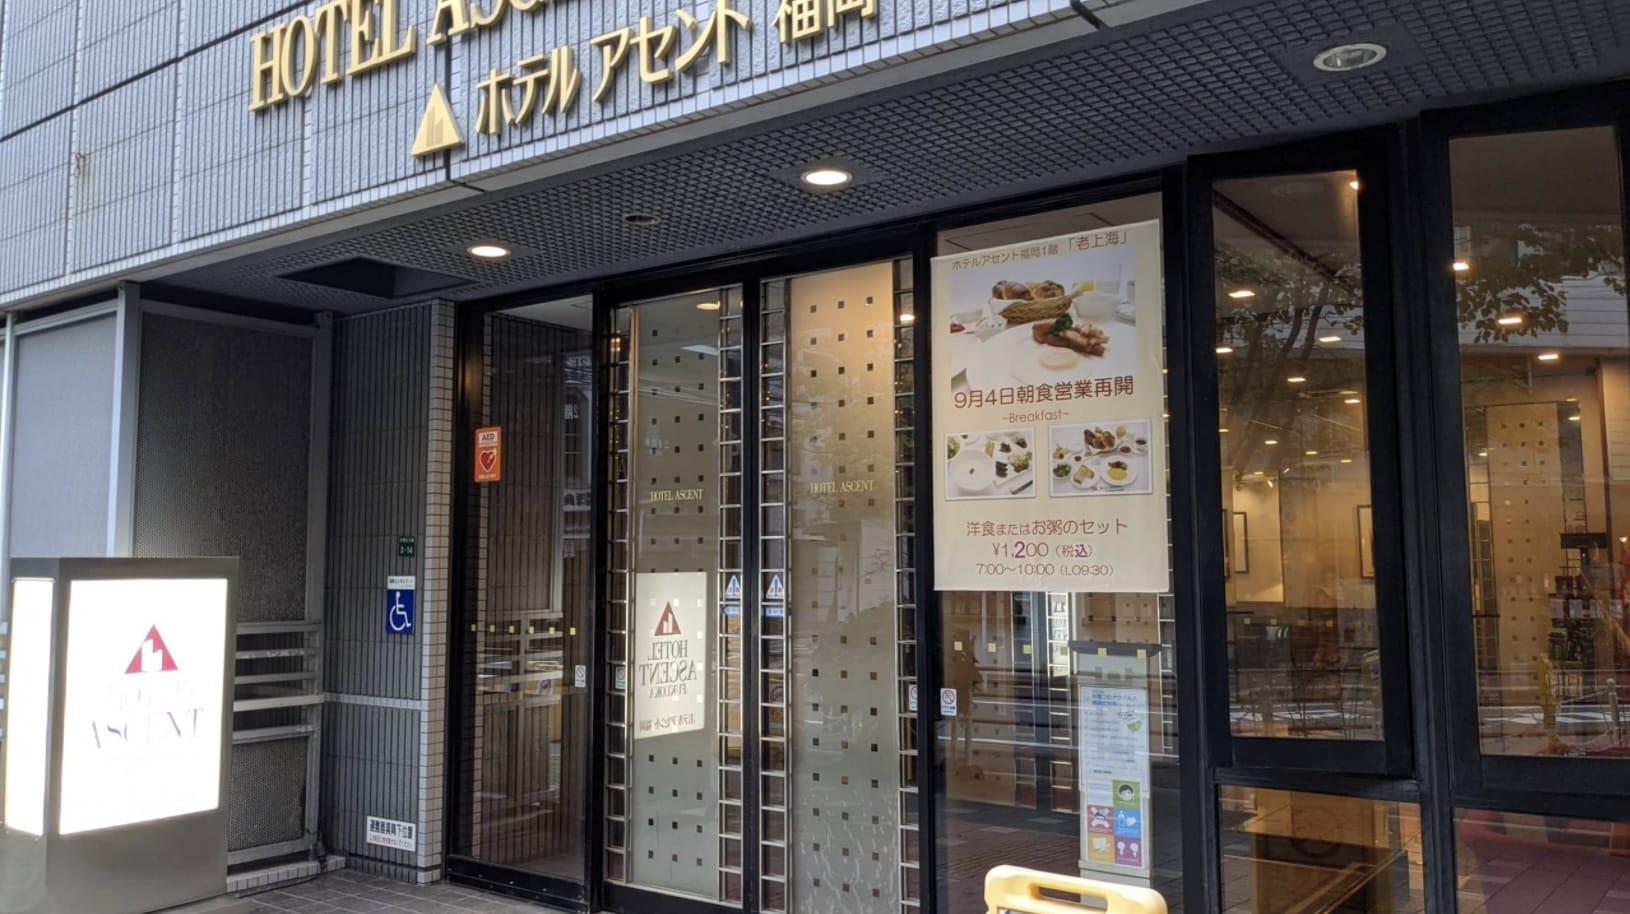 ホテルアセント福岡の入口・湘南美容AGAクリニックの入口